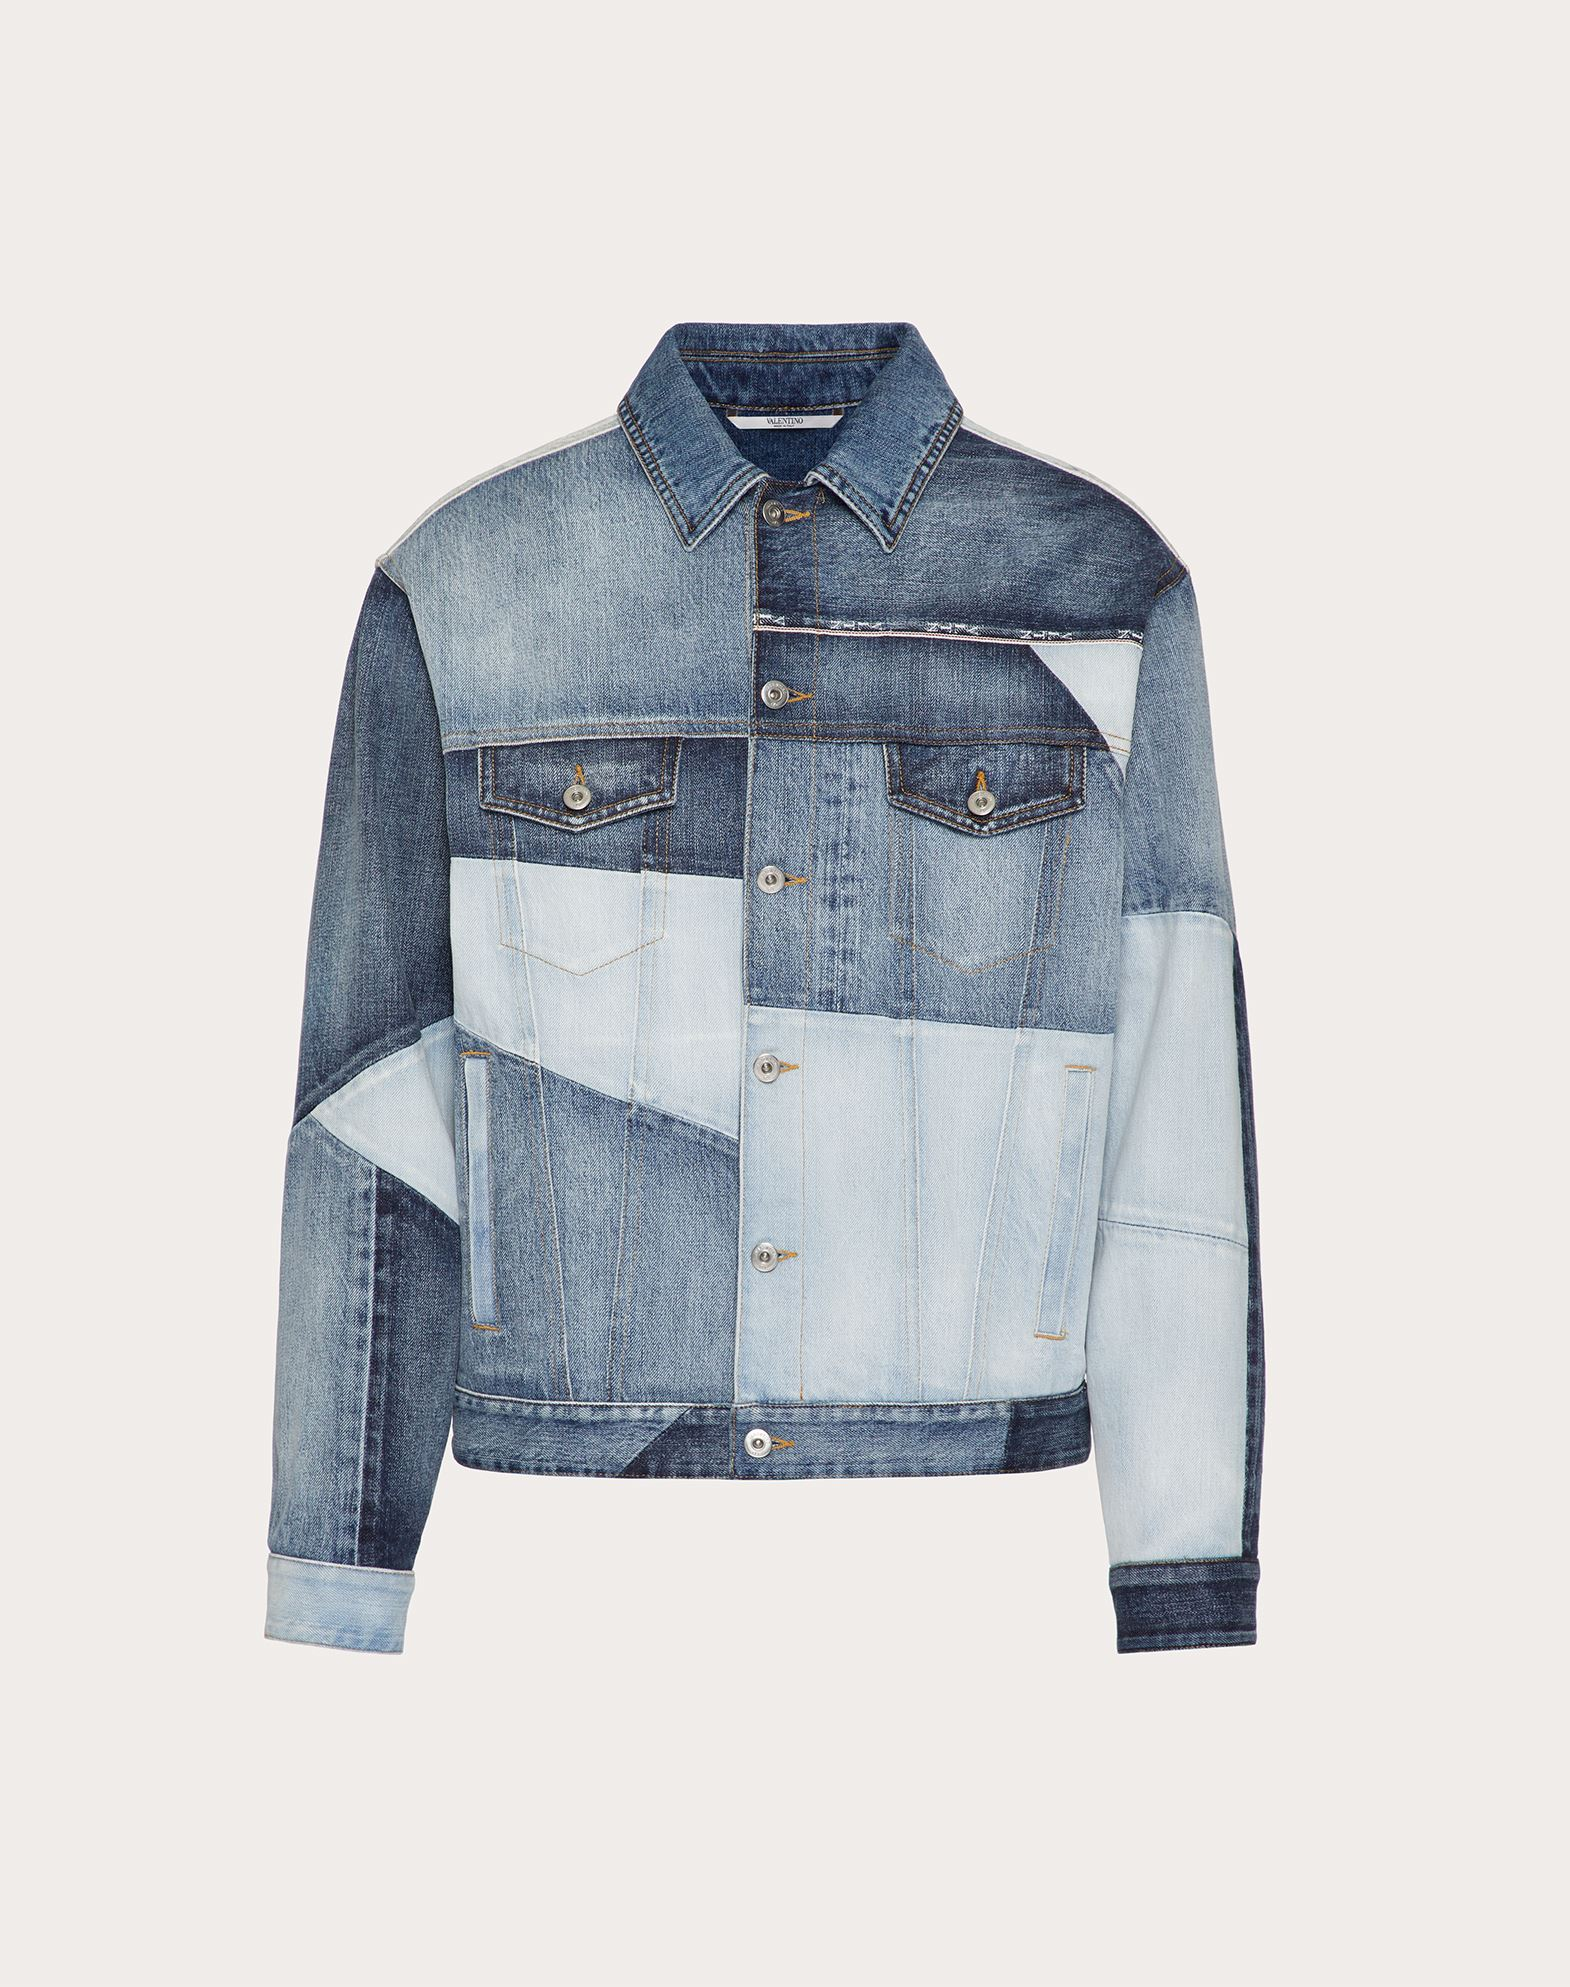 Valentino Uomo Denim Patchwork Jacket In Blue